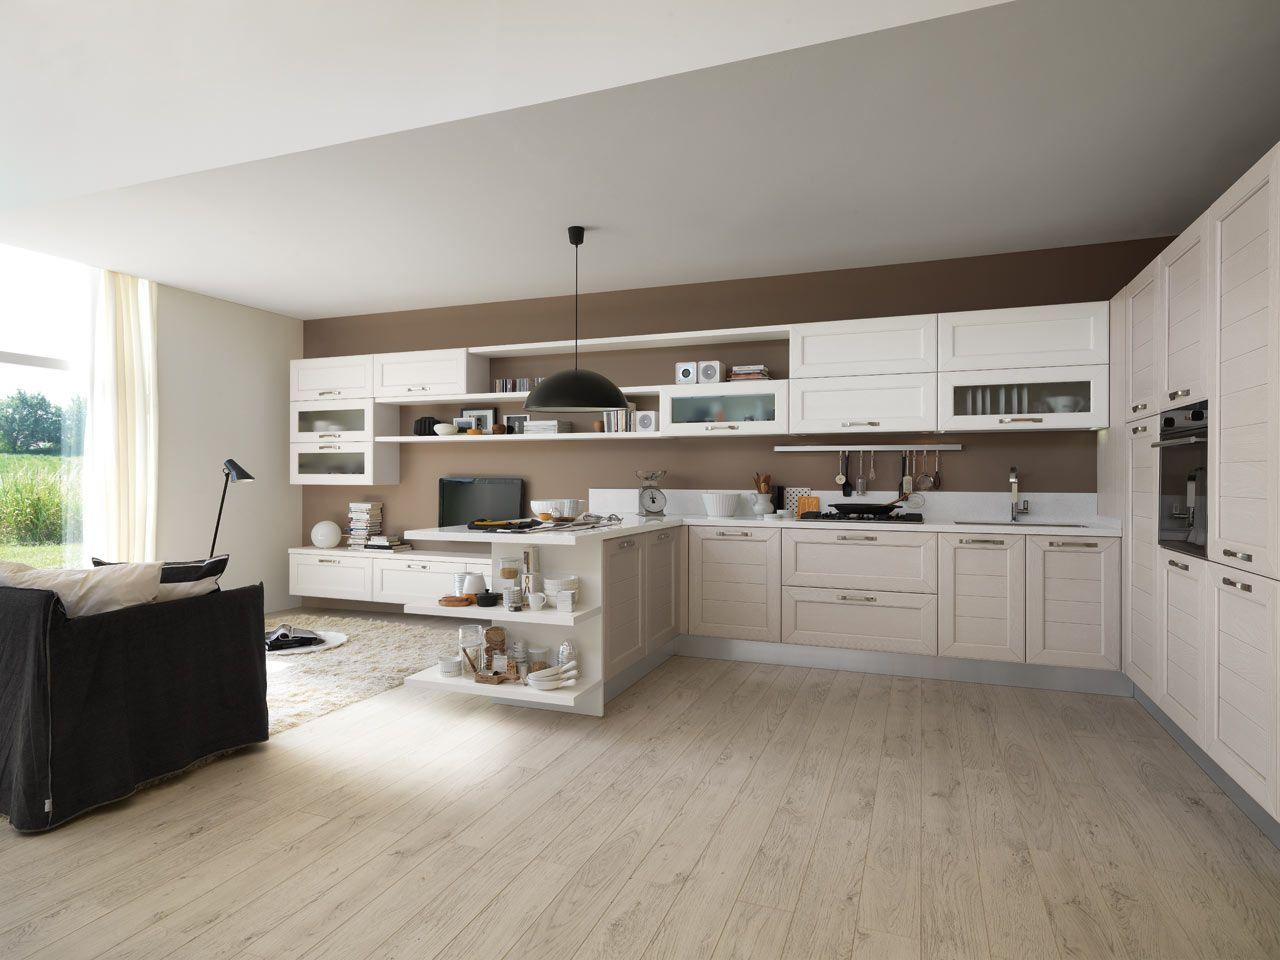 Cucine Classiche Con Isola Lube : Cucine a gas vecchio stile. Cucine a ...